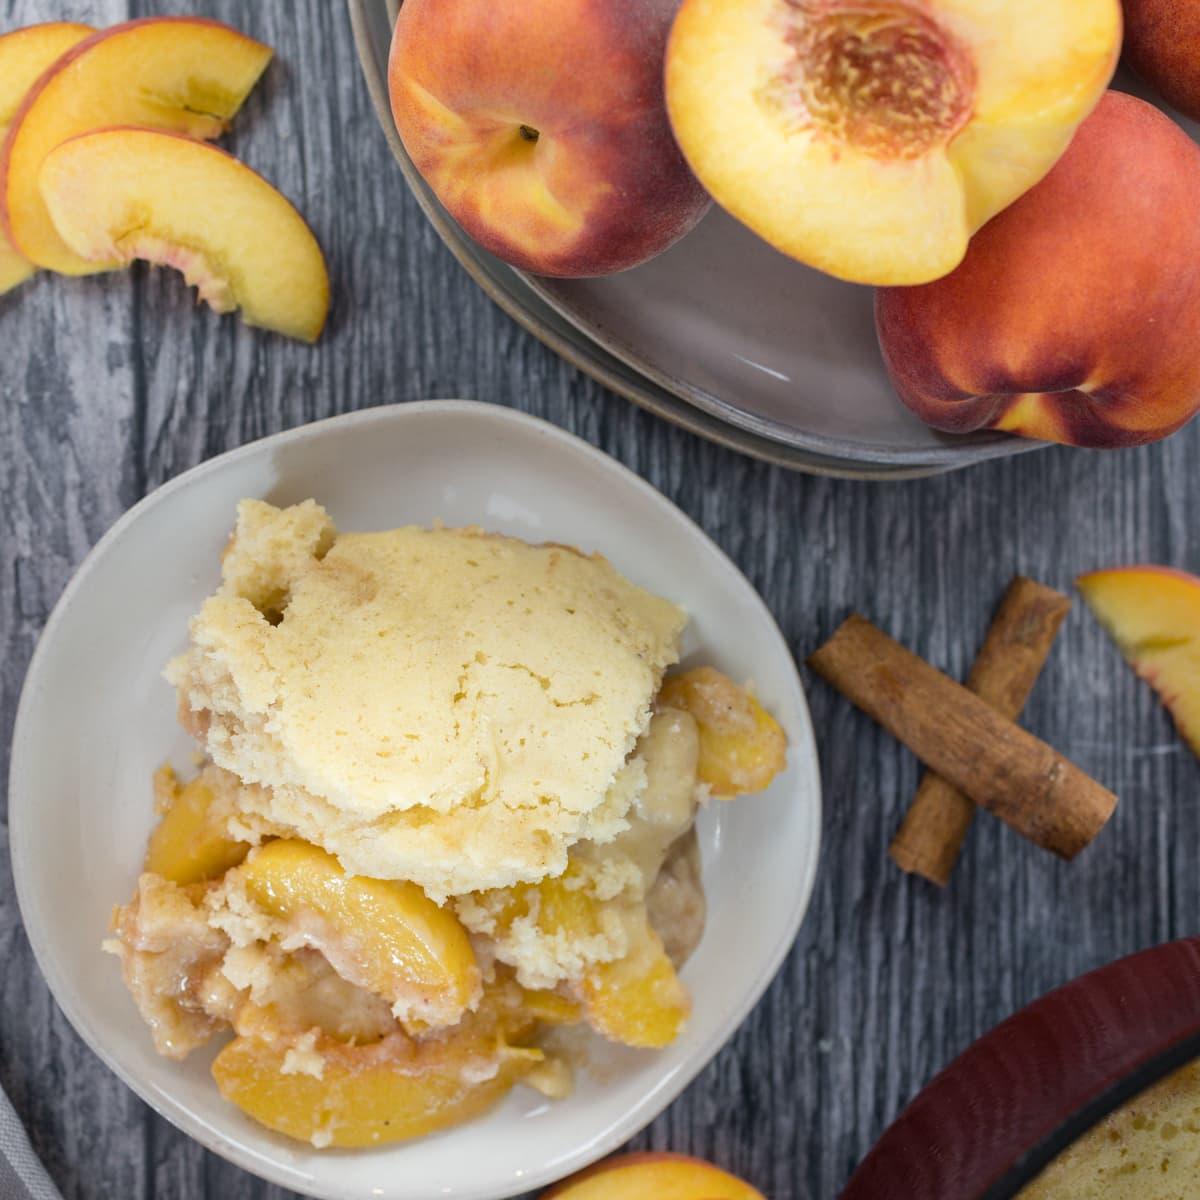 Dutch Oven Peach Cobbler #SummerDessertWeek